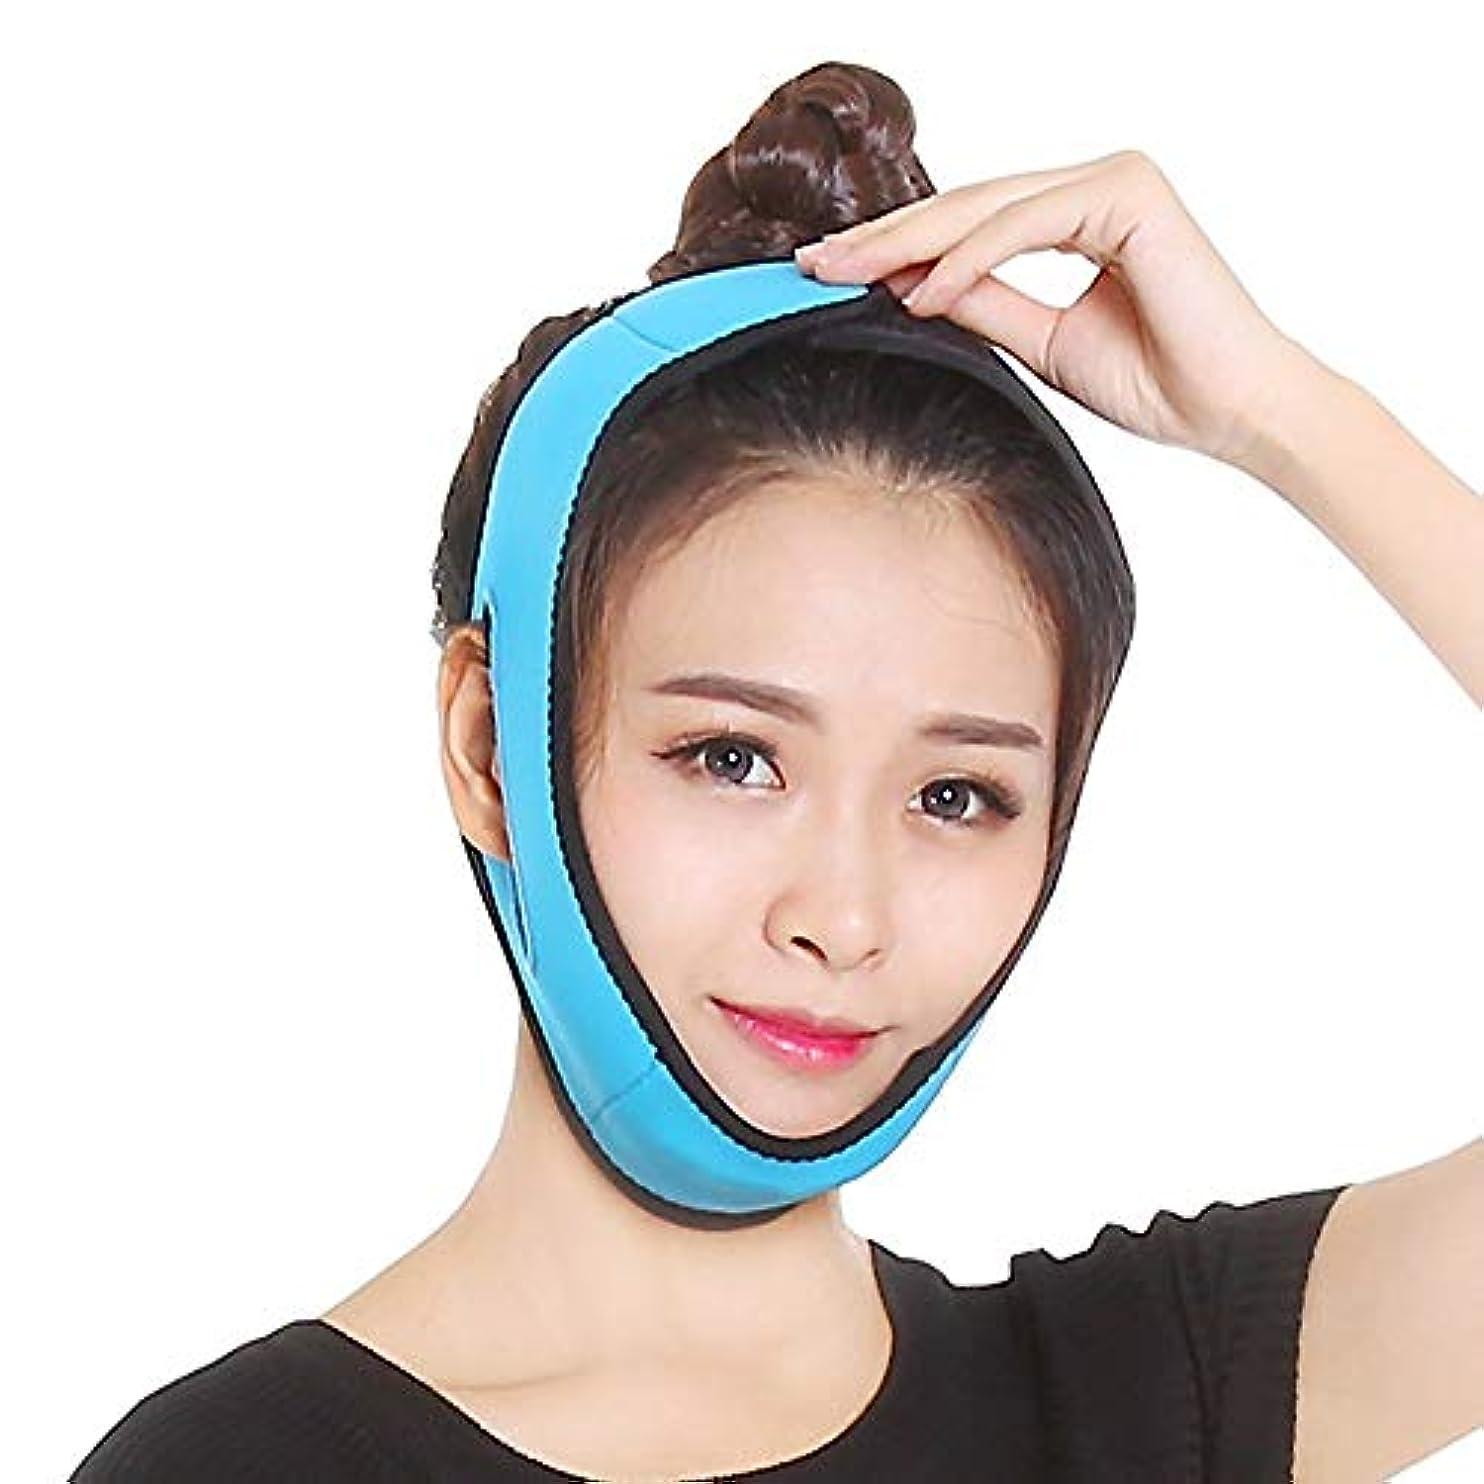 微弱アニメーション印象フェイシャルリフティングスリミングベルト - 薄いフェイス包帯二重あごデバイス無料フェイシャルマッサージ整形マスクを引き締める顔と首の顔スリム